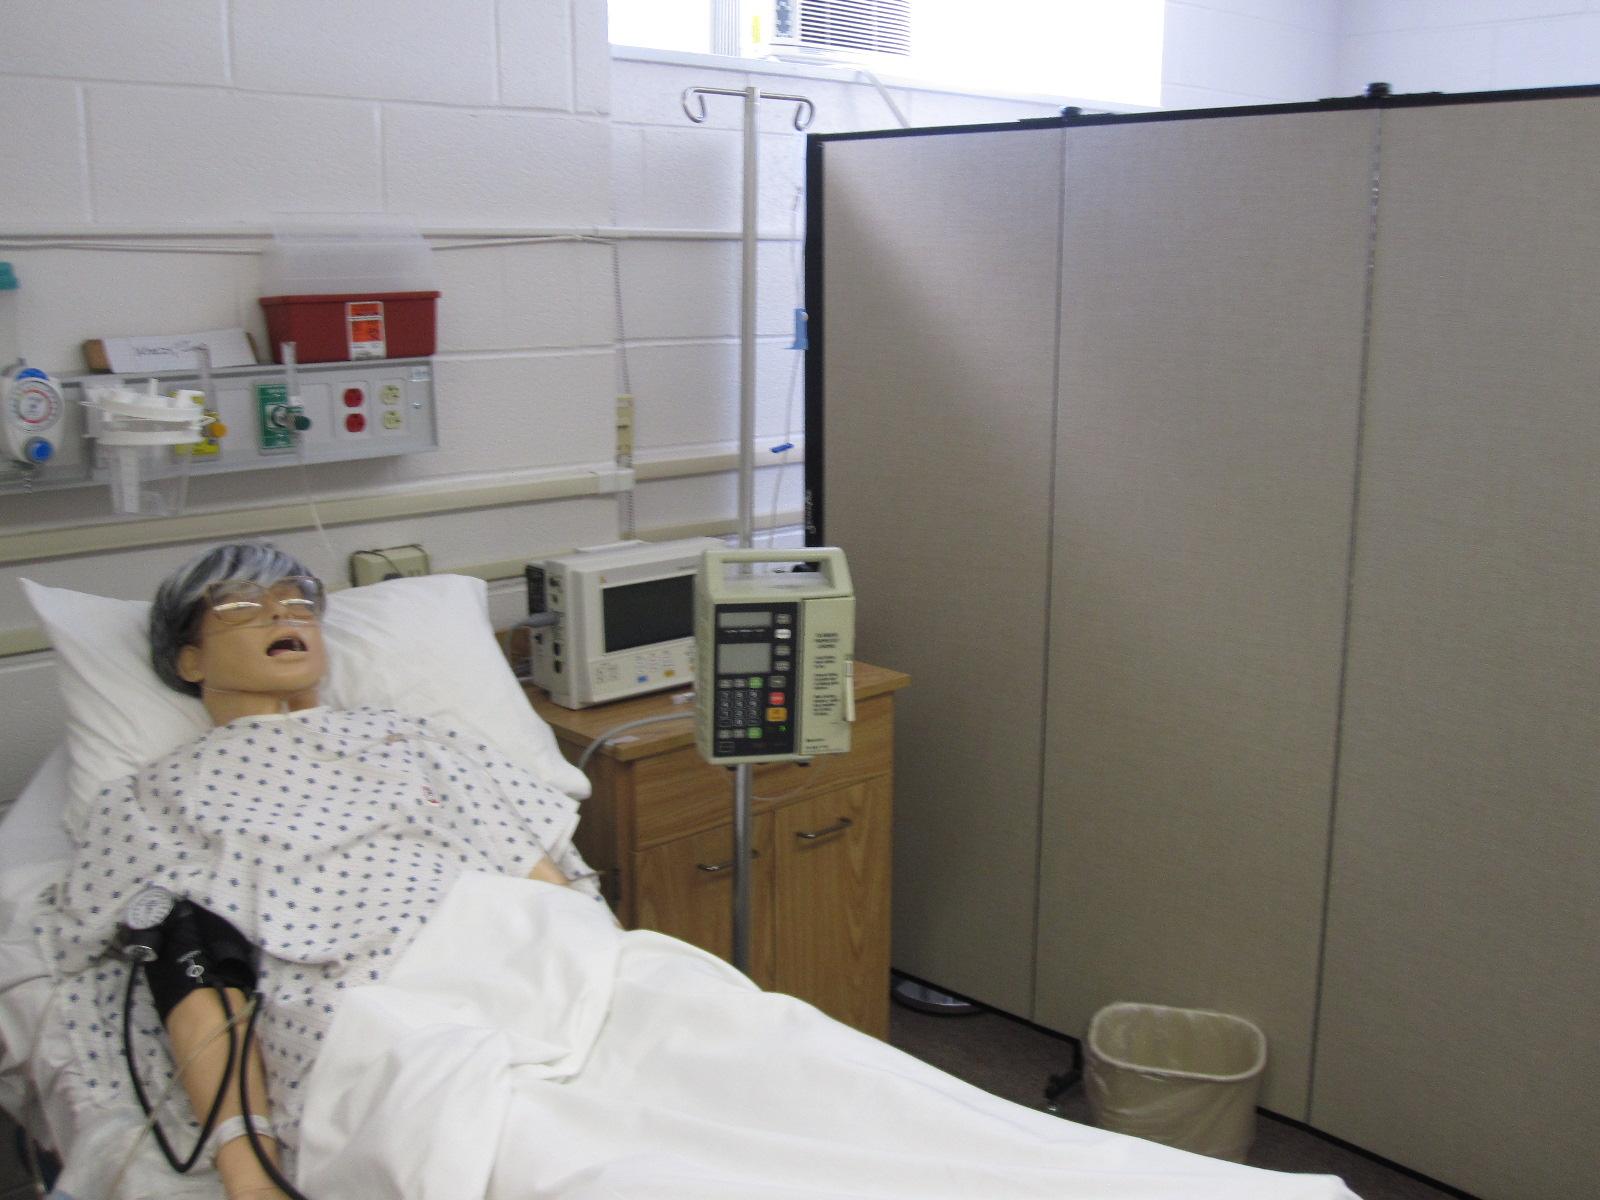 Room Dividers in Nursing School